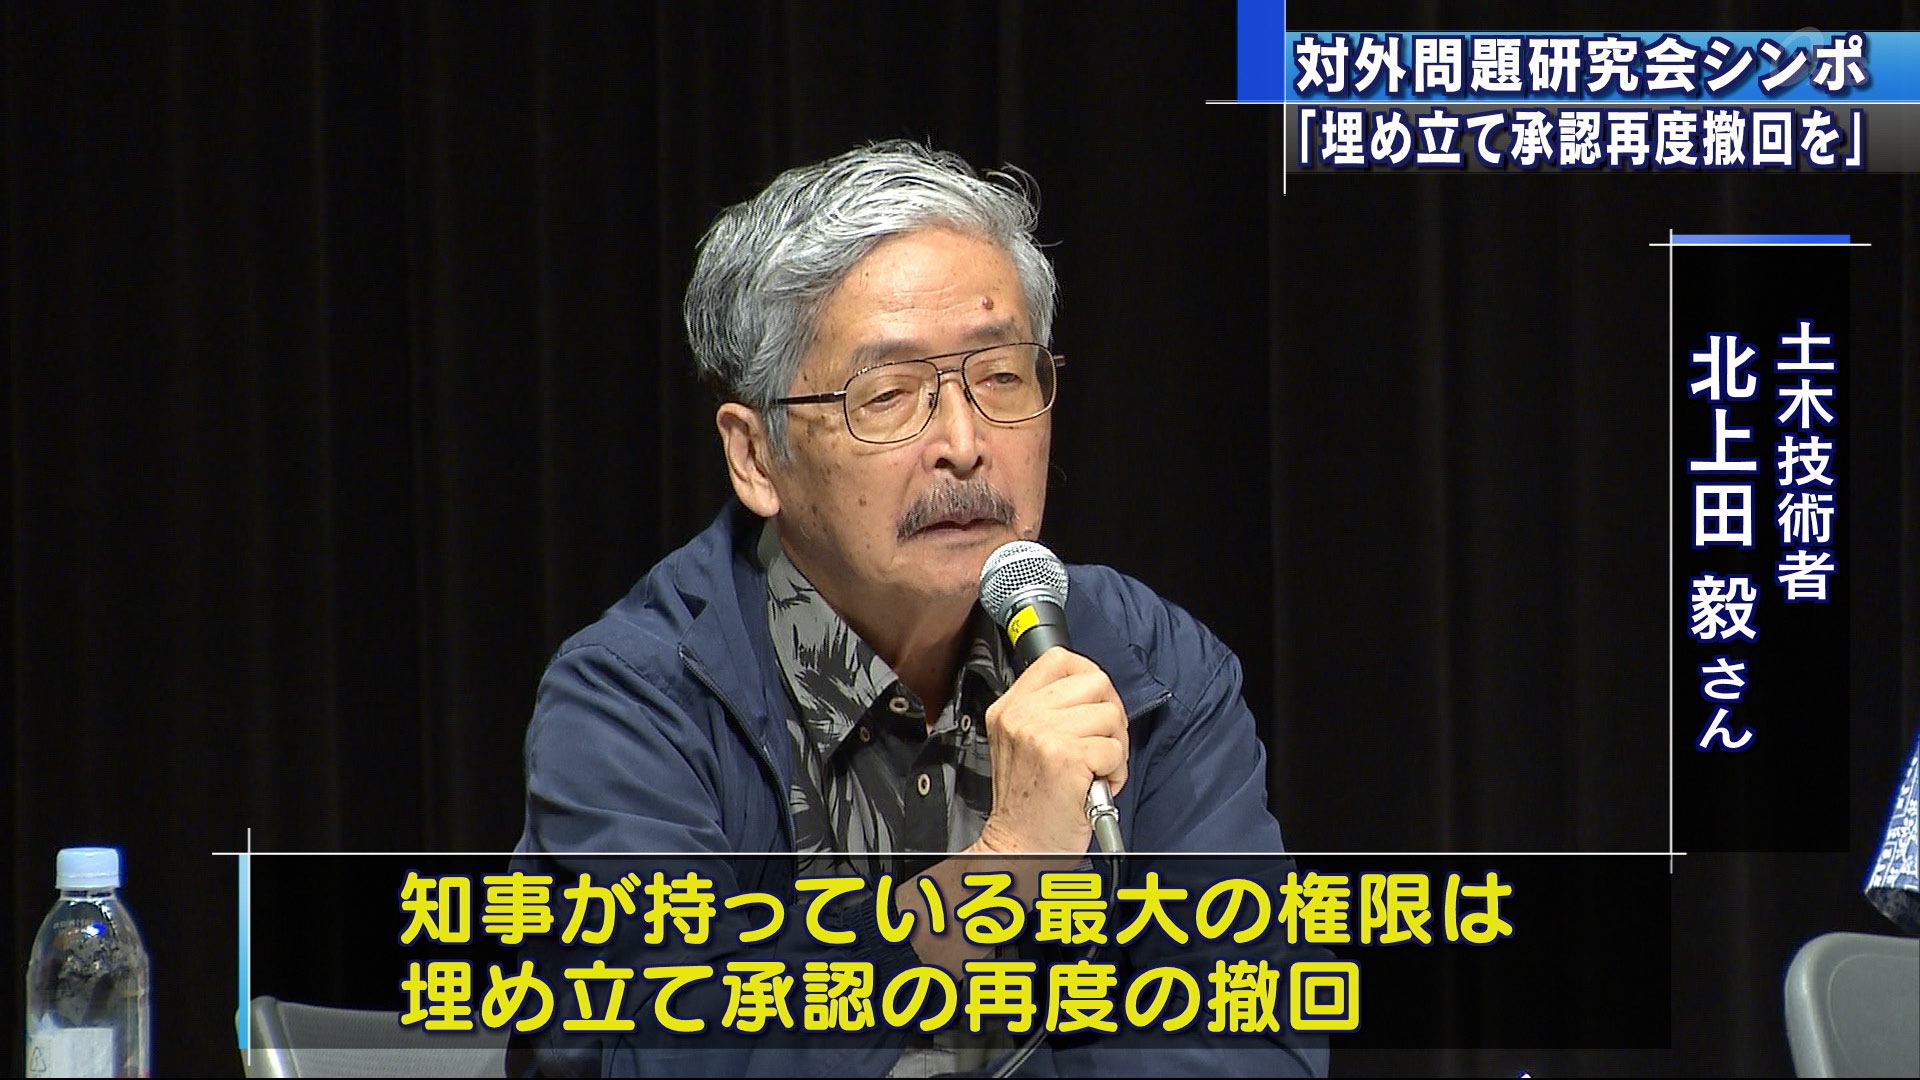 沖縄対外問題研究会 シンポジウム